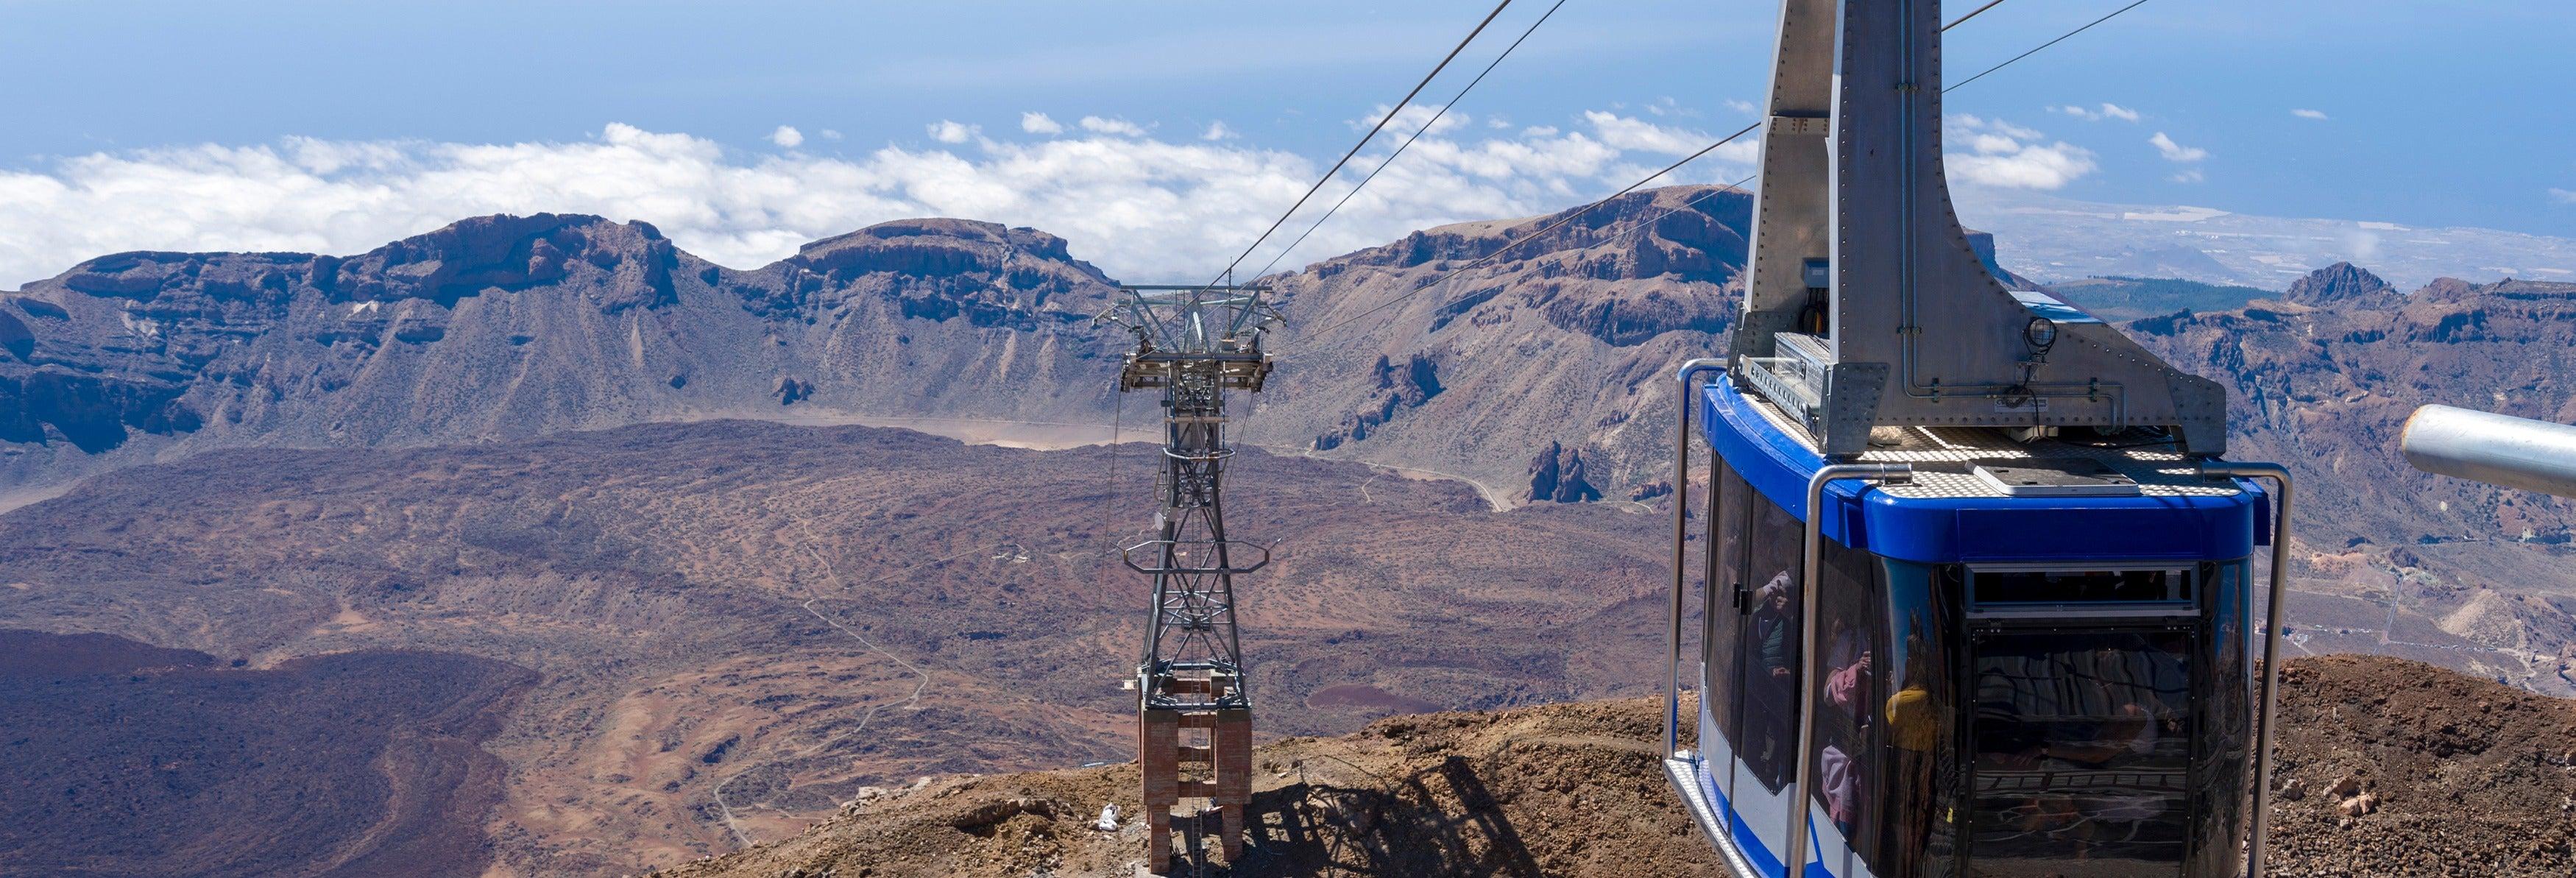 Escursione al Teide + Funivia dal nord di Tenerife